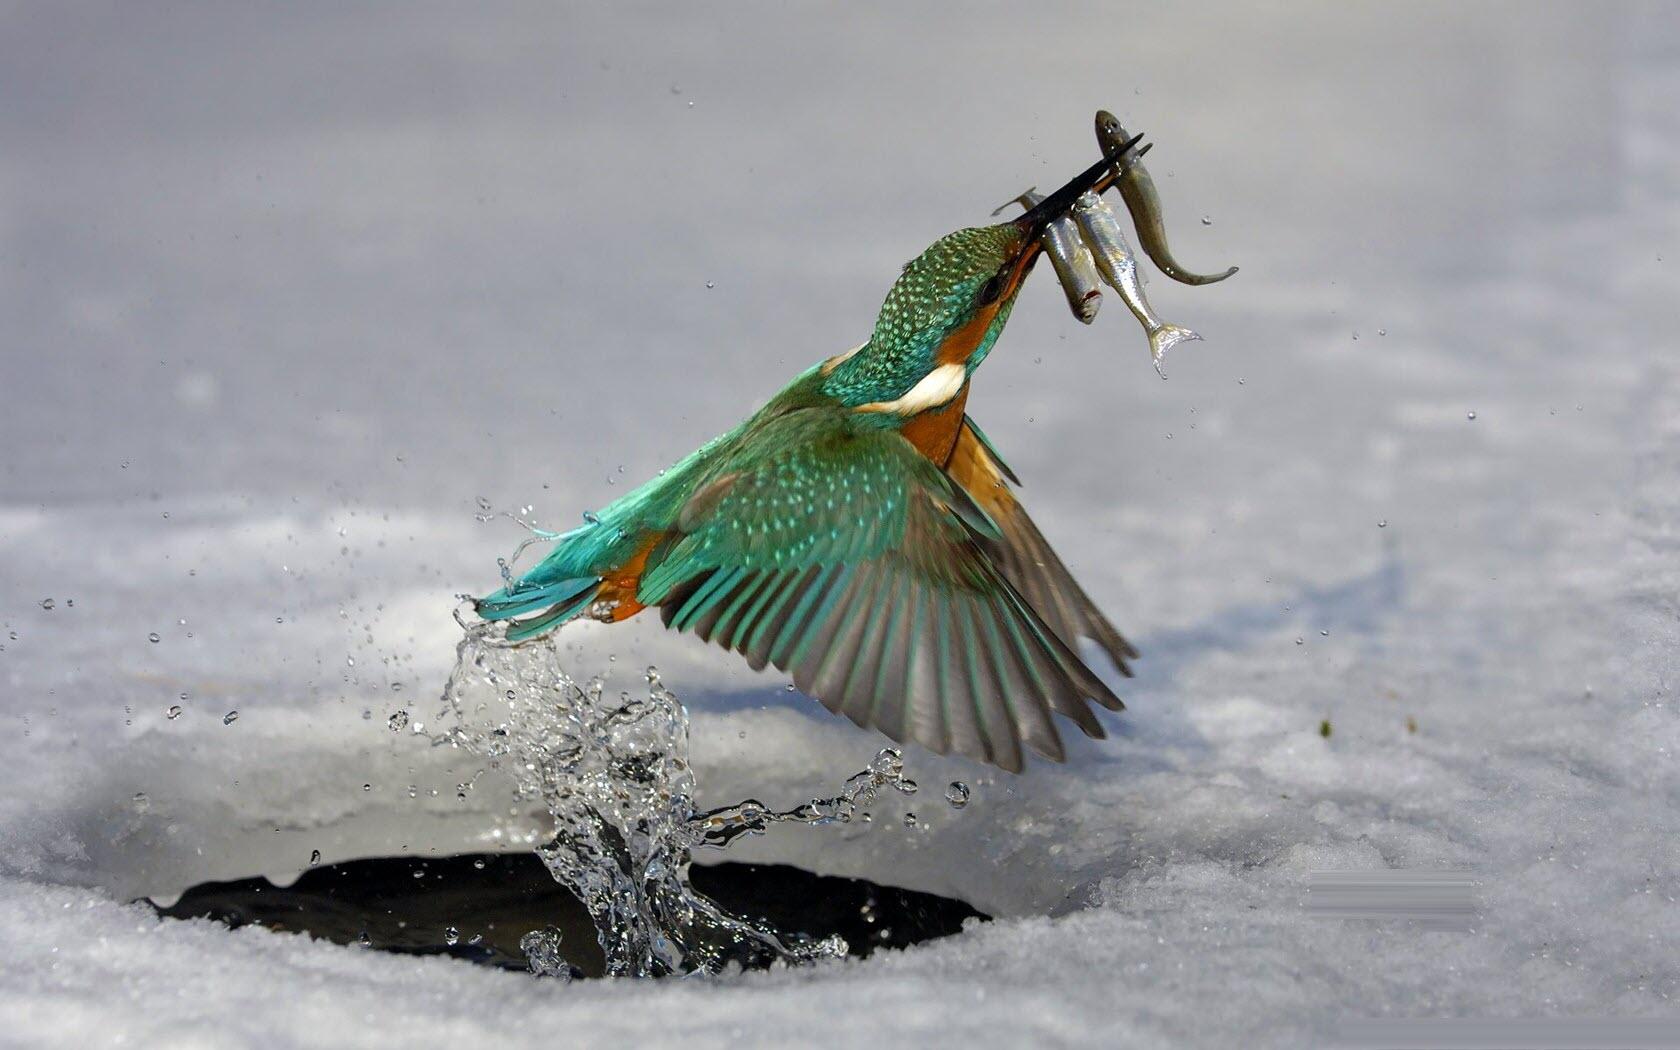 Hình nền chim săn mồi cho máy tính cực đẹp